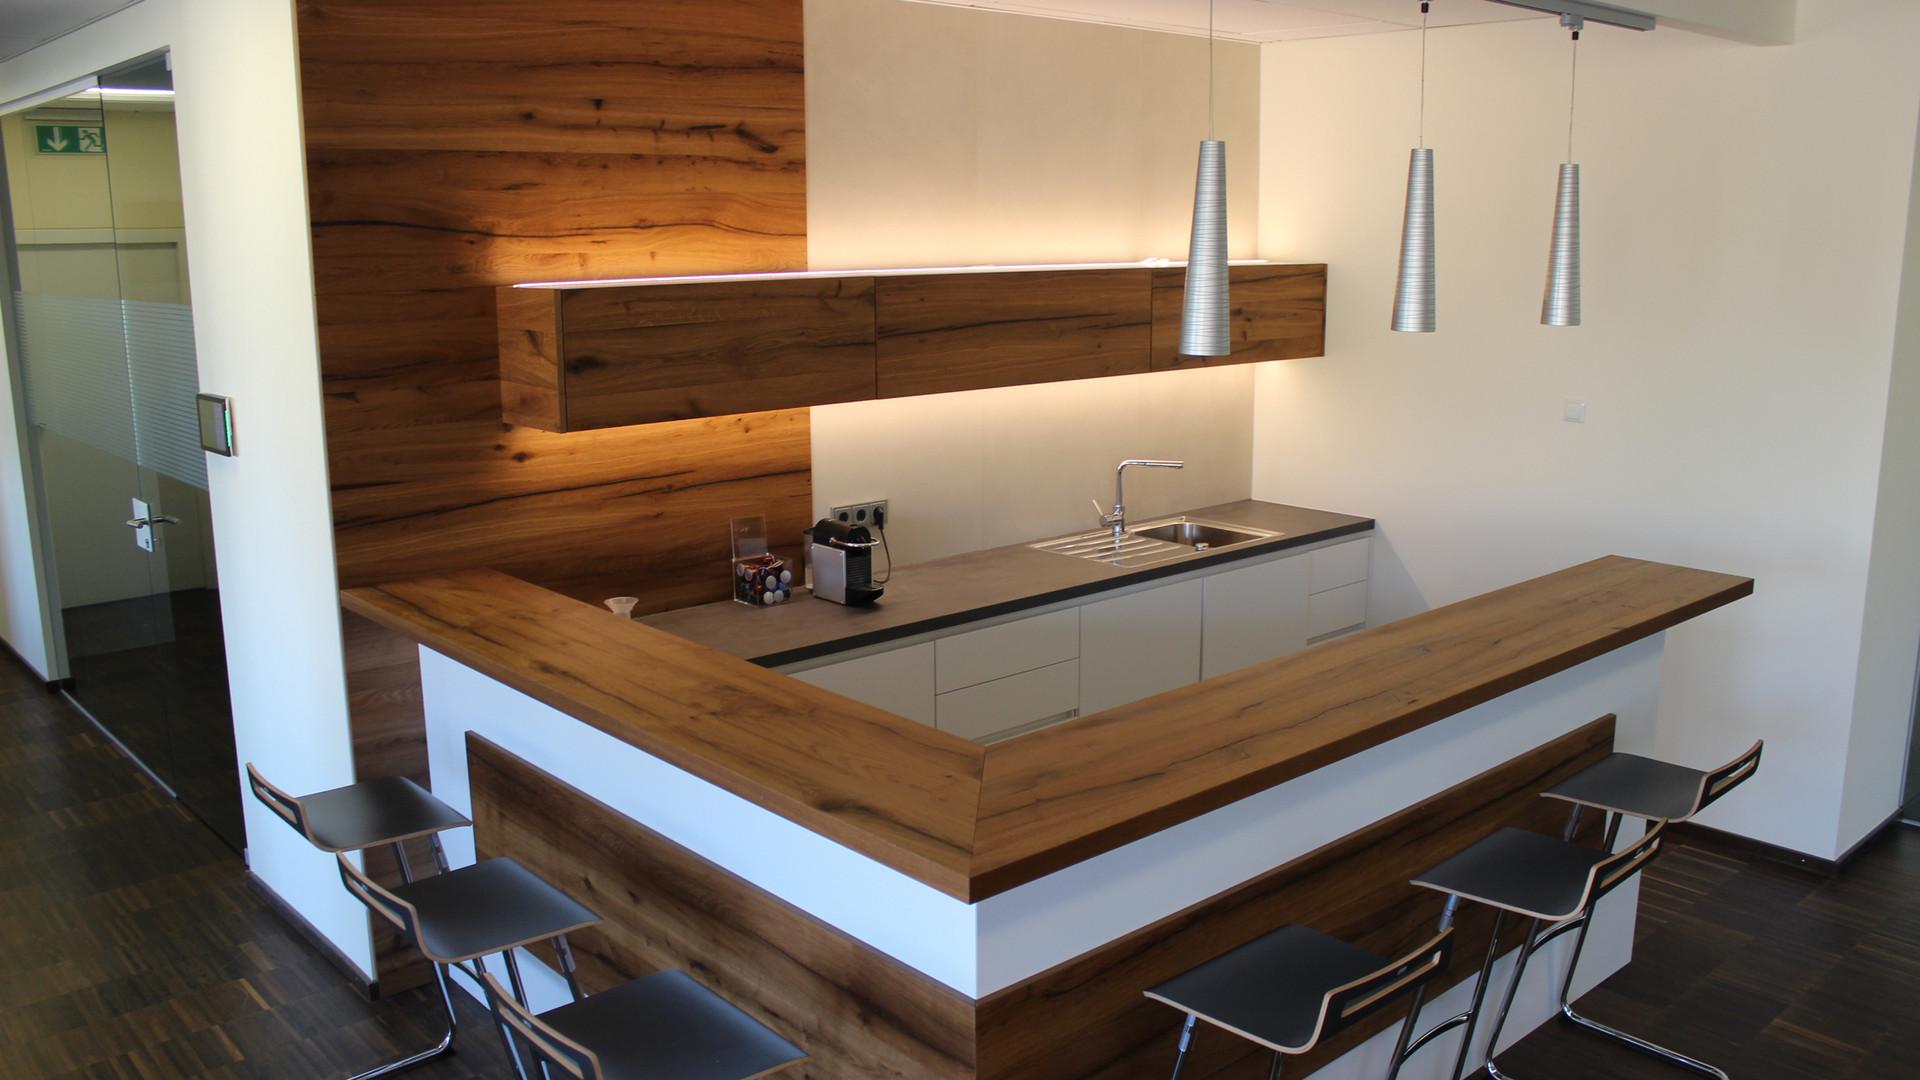 Tischlerei Leimhofer Wildenau - Besprechungsraum mit Küche